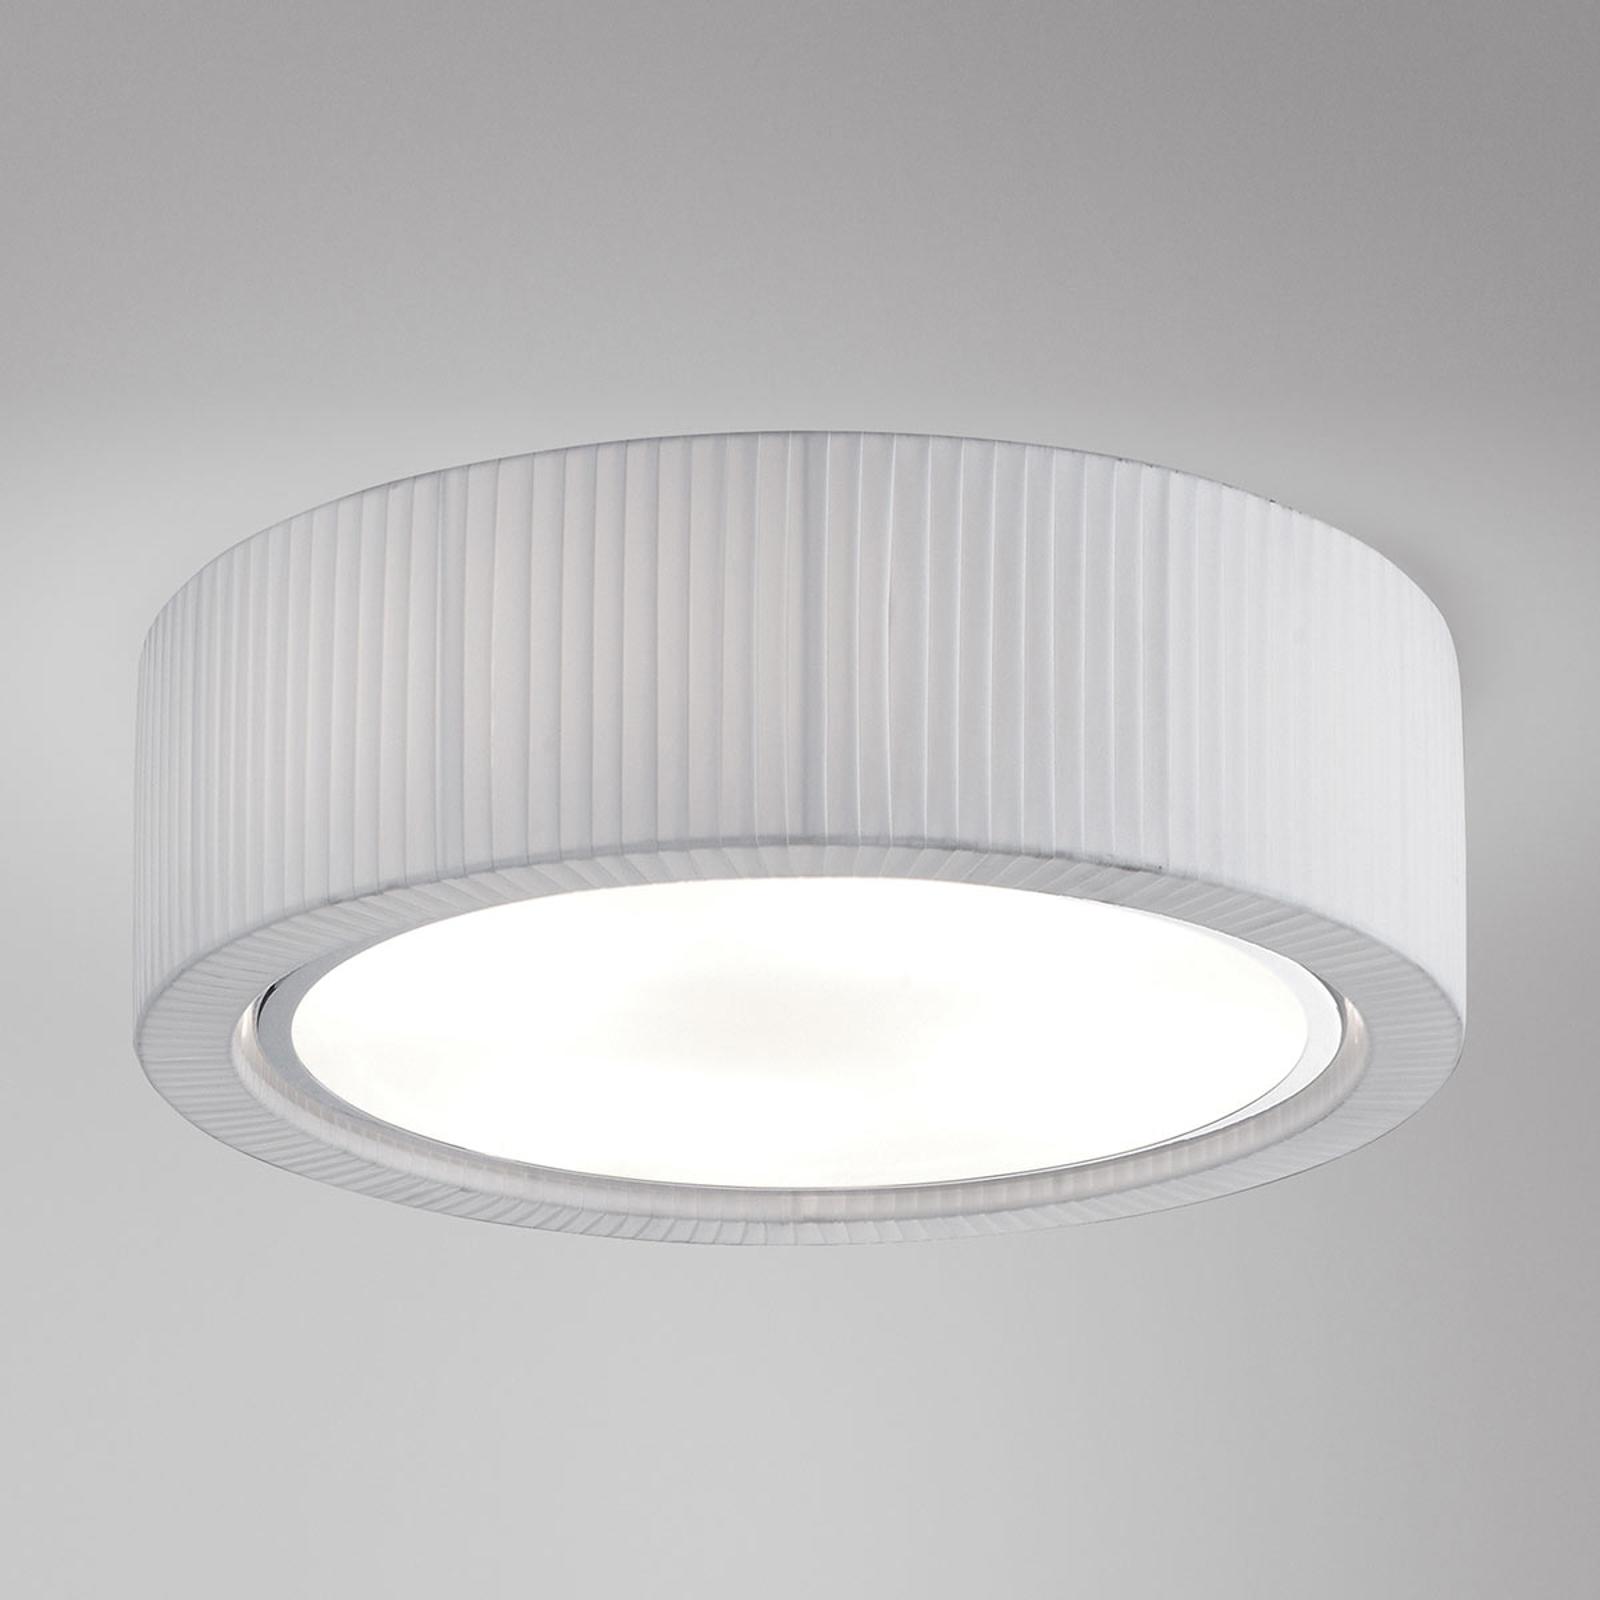 Bover Urban PF/37-taklampe, hvit, 37 cm